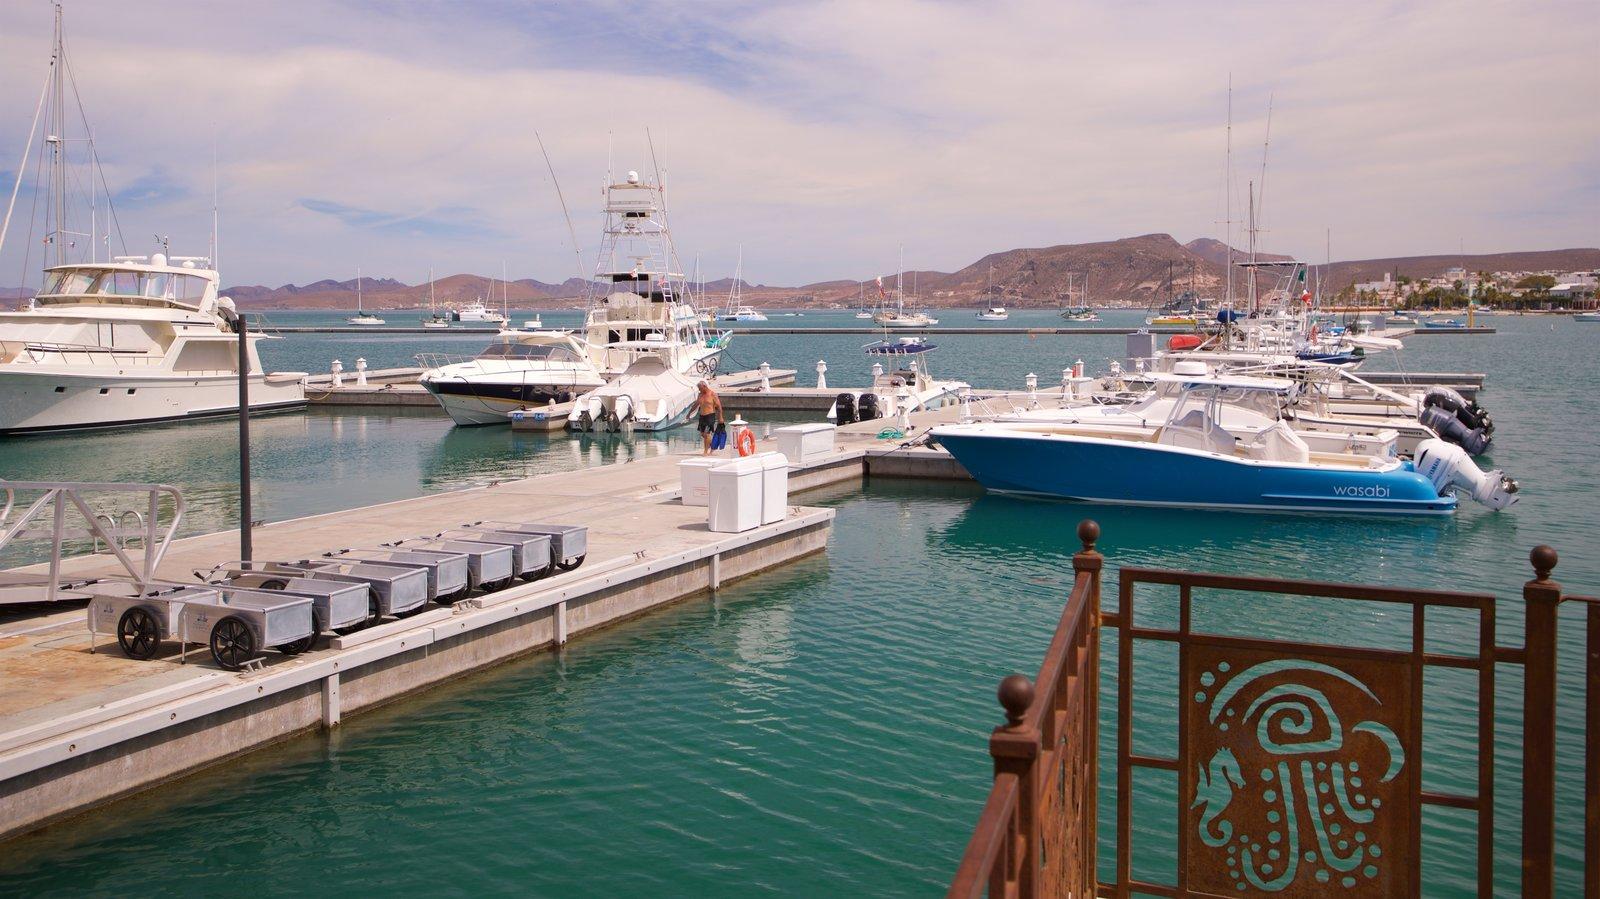 Puerto deportivo Marina Cortez ofreciendo una bahía o puerto